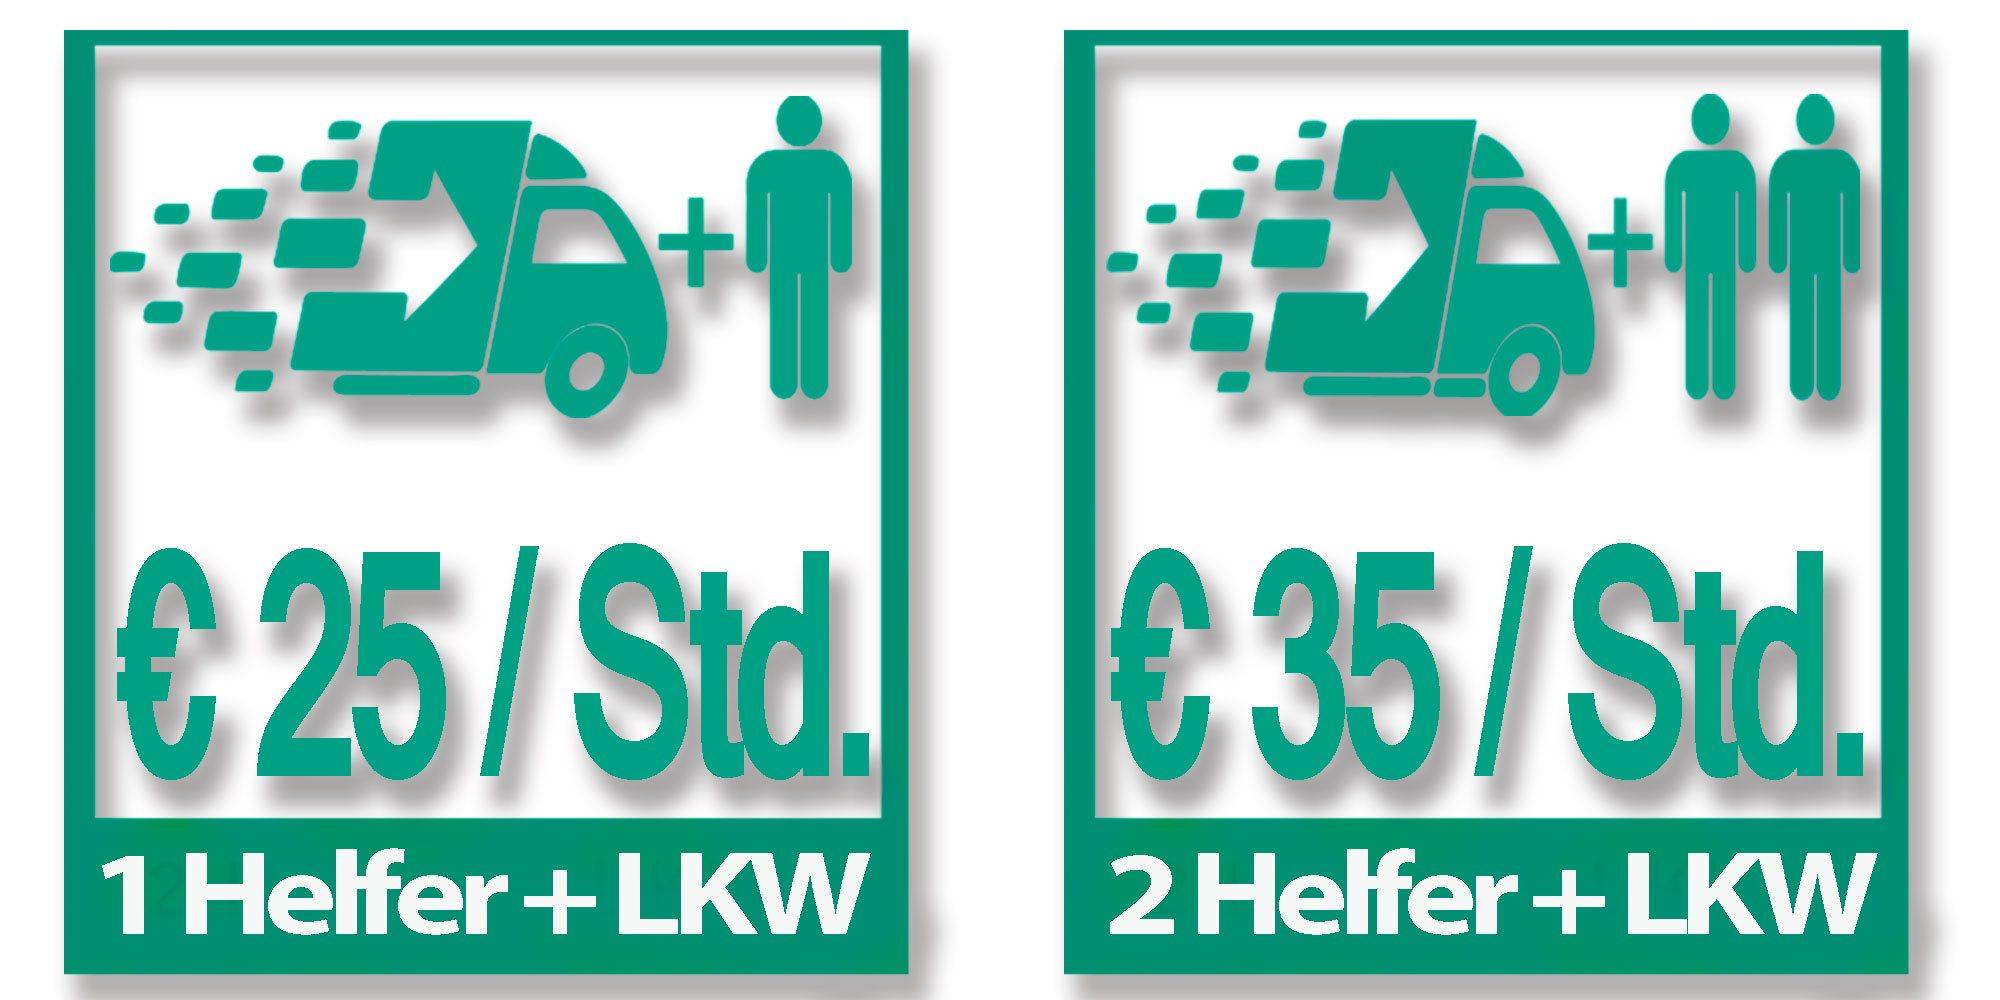 Möbeltransport Wien, Umzug Wien,Umzugspreis